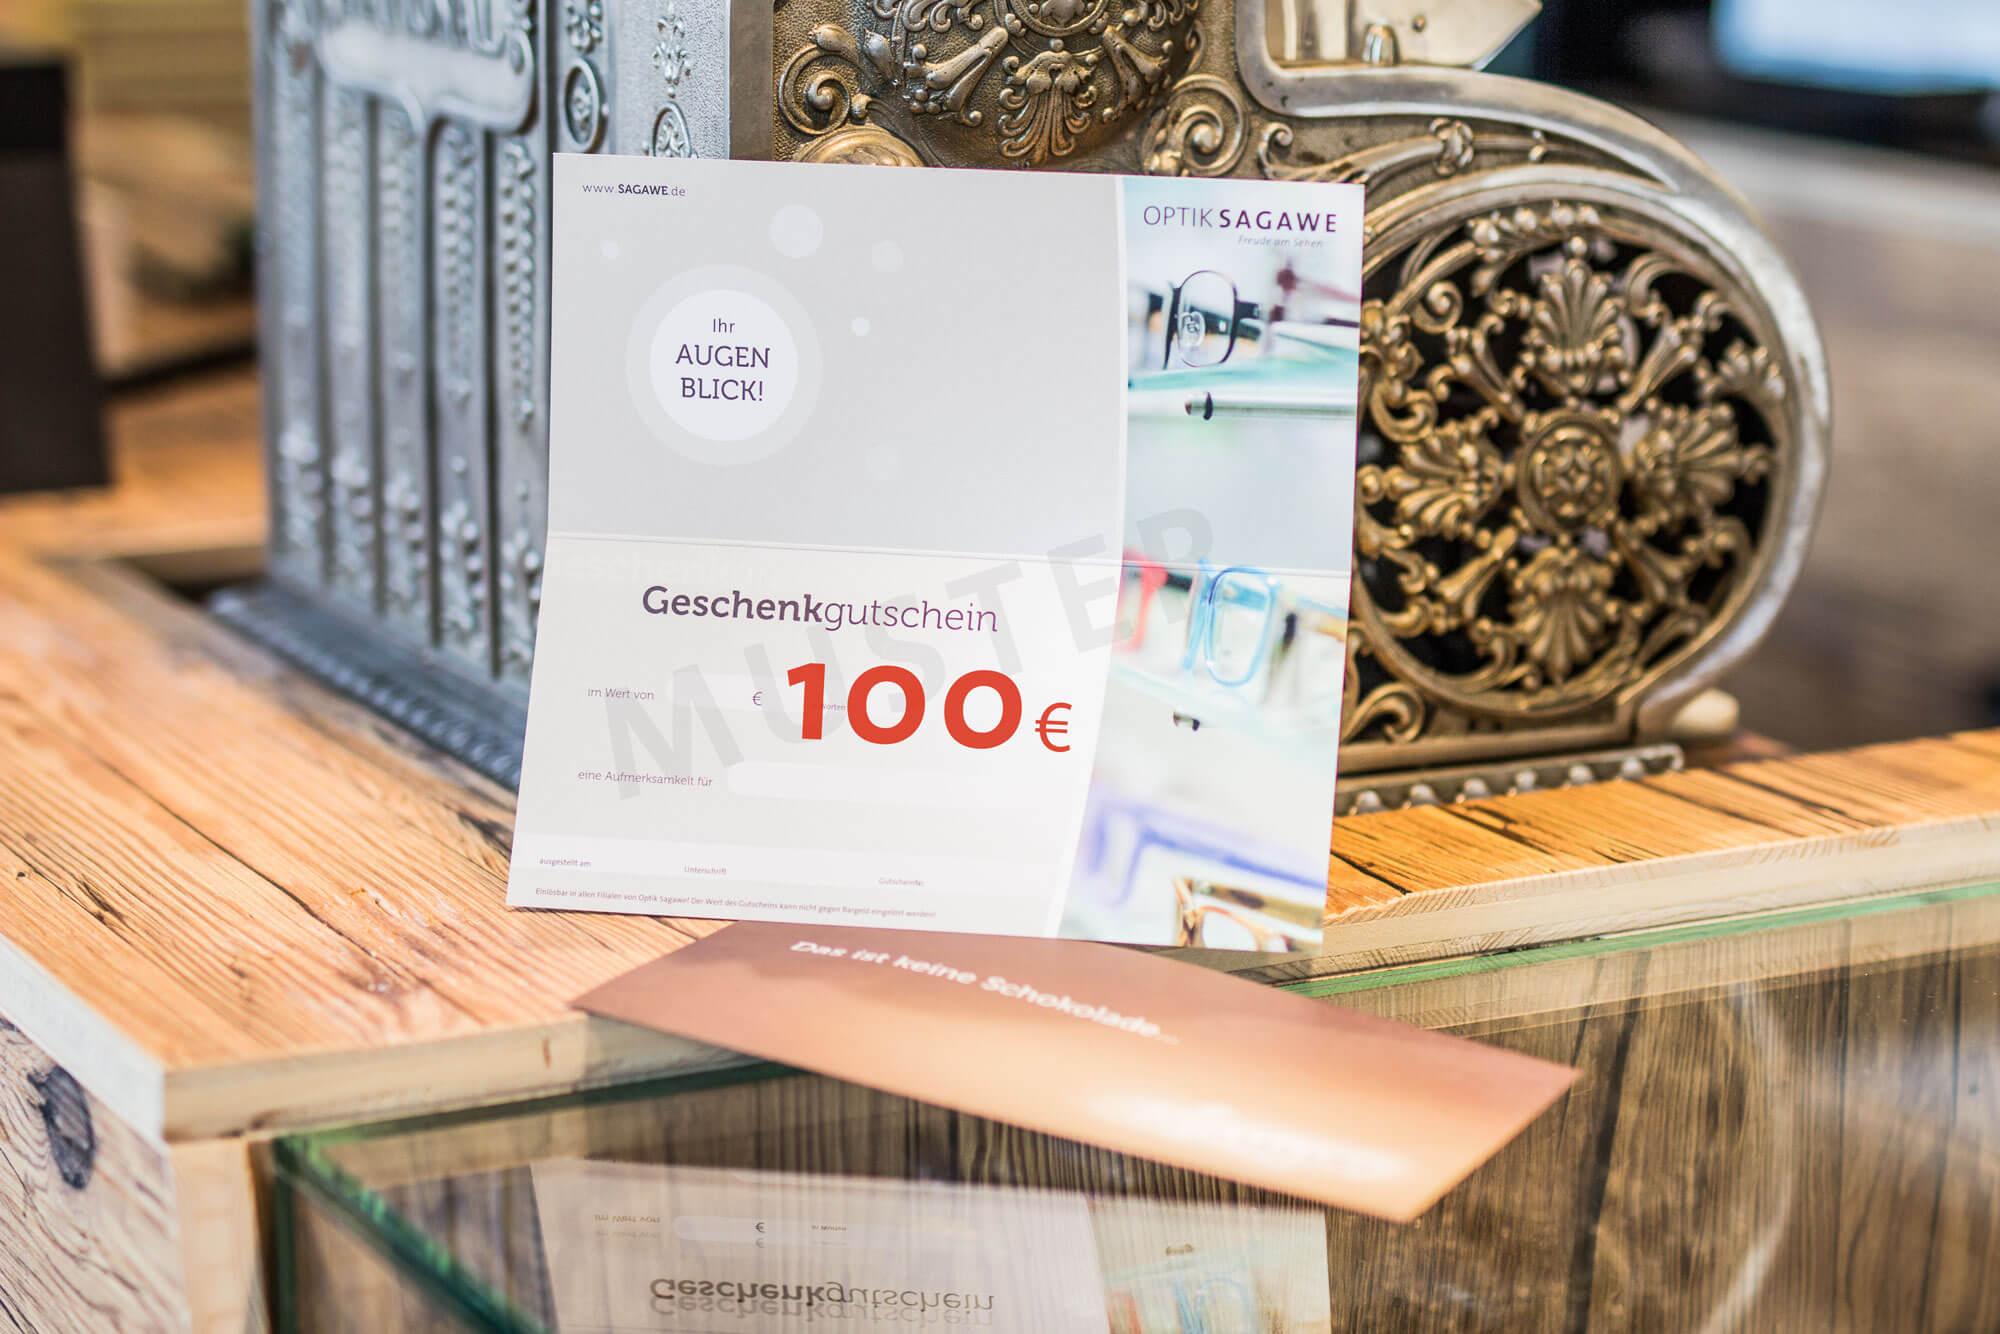 Geschenk Gutschein über 100 EURO